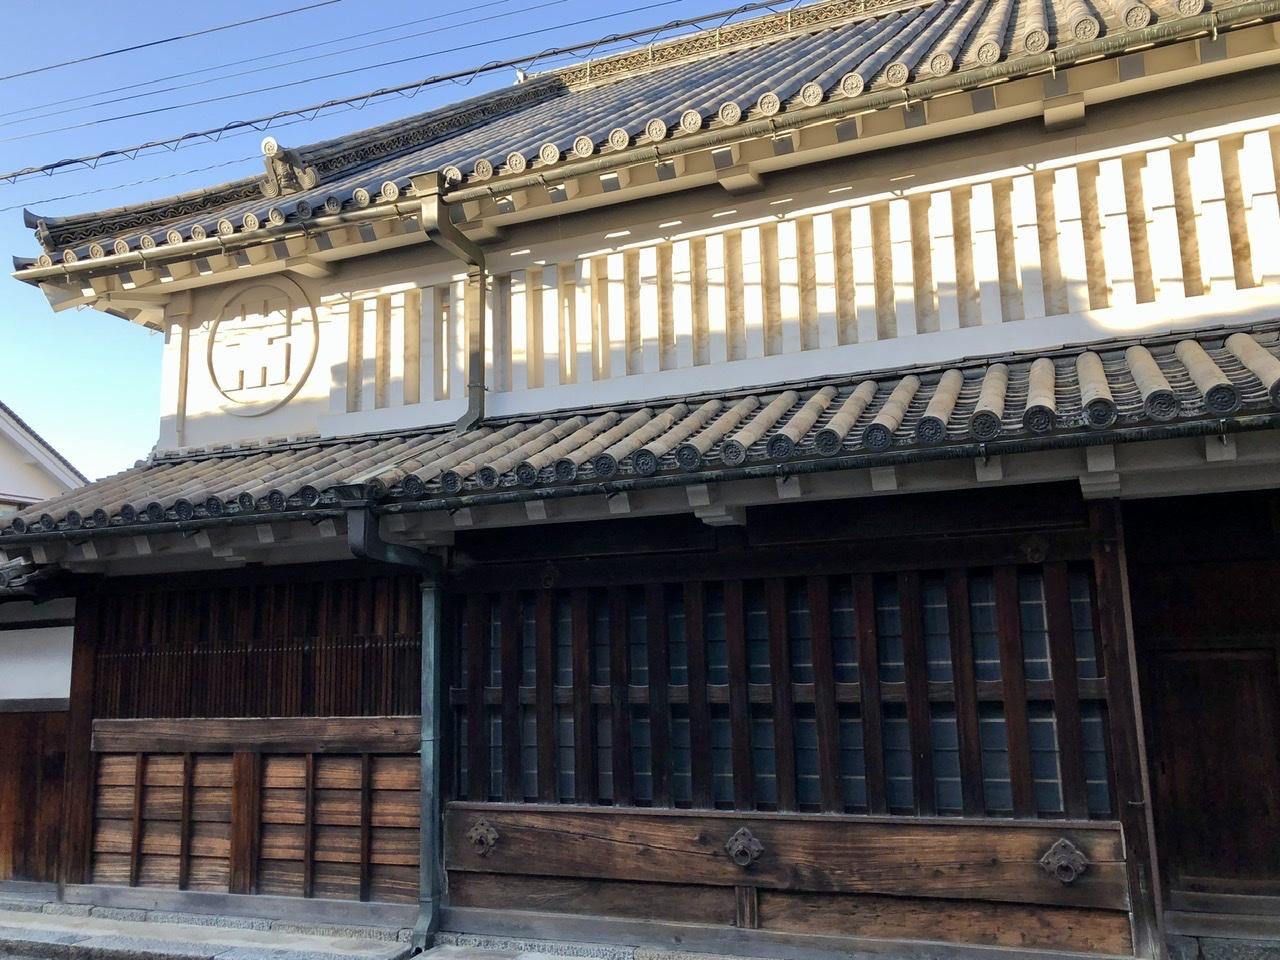 奈良の旅 13 江戸の街並みが美しい橿原市今井町 その2_a0092659_14343993.jpeg